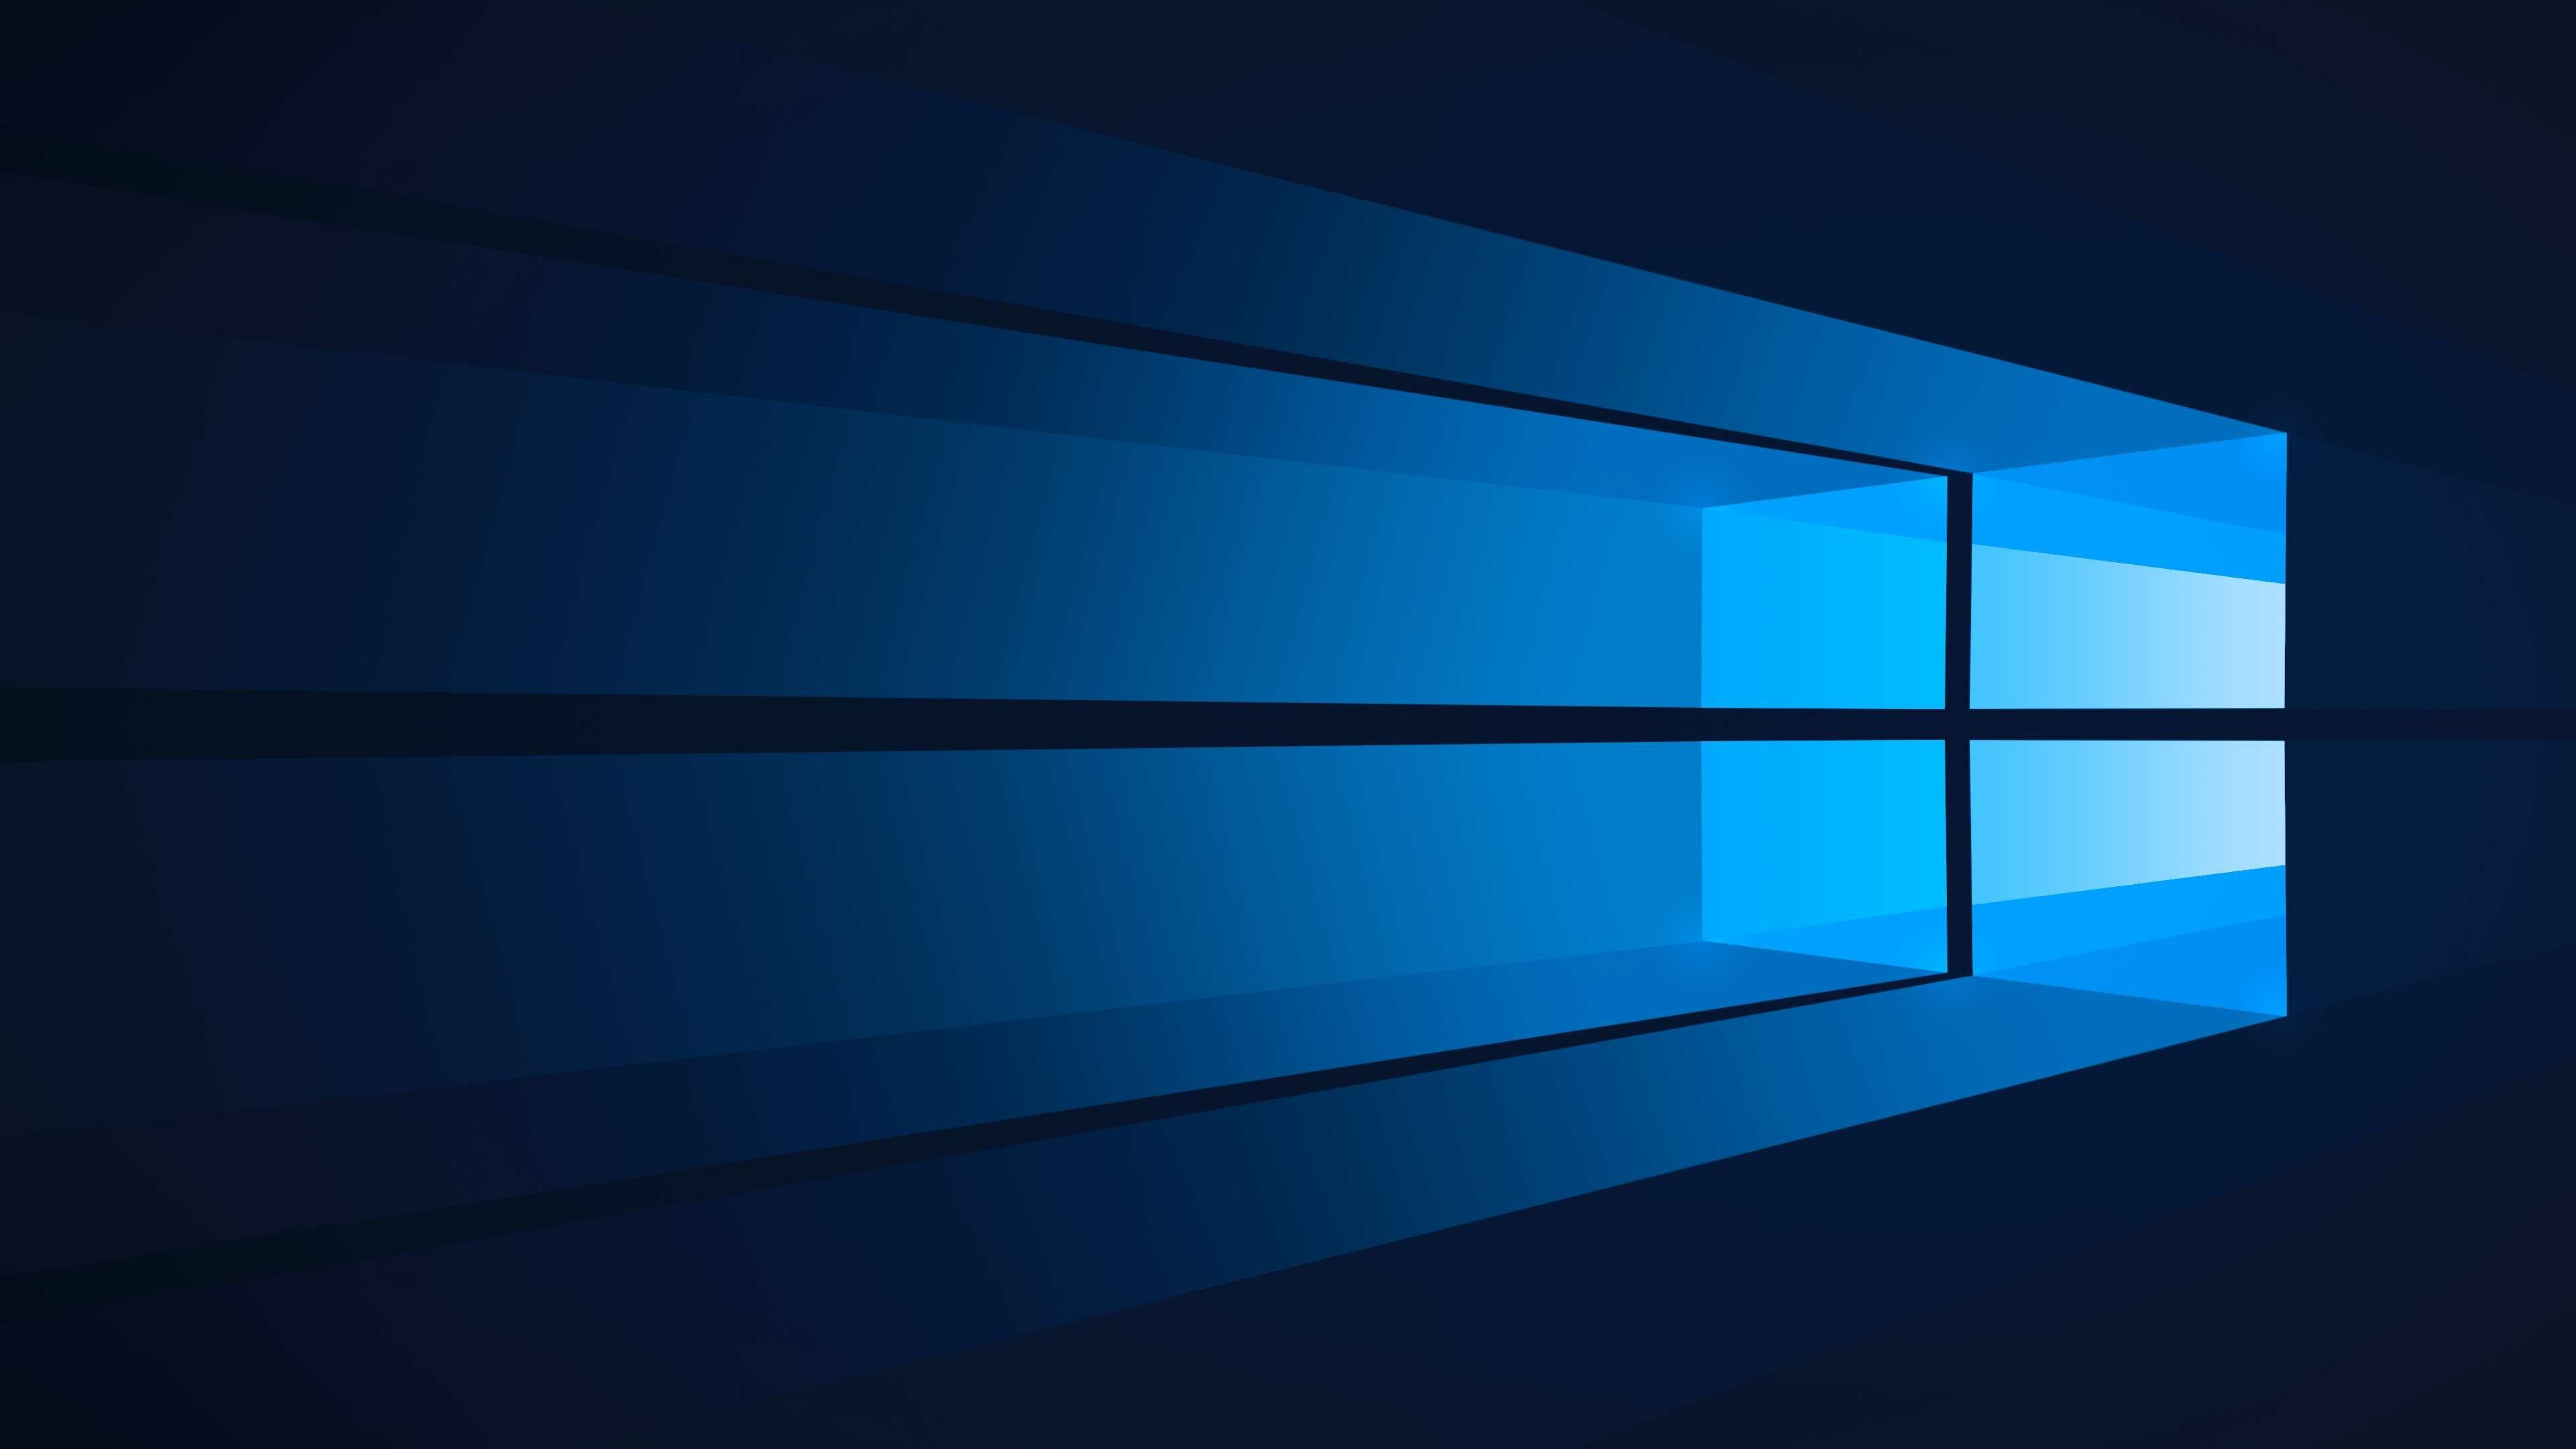 Windows 10 Blue Screen Wallpaper